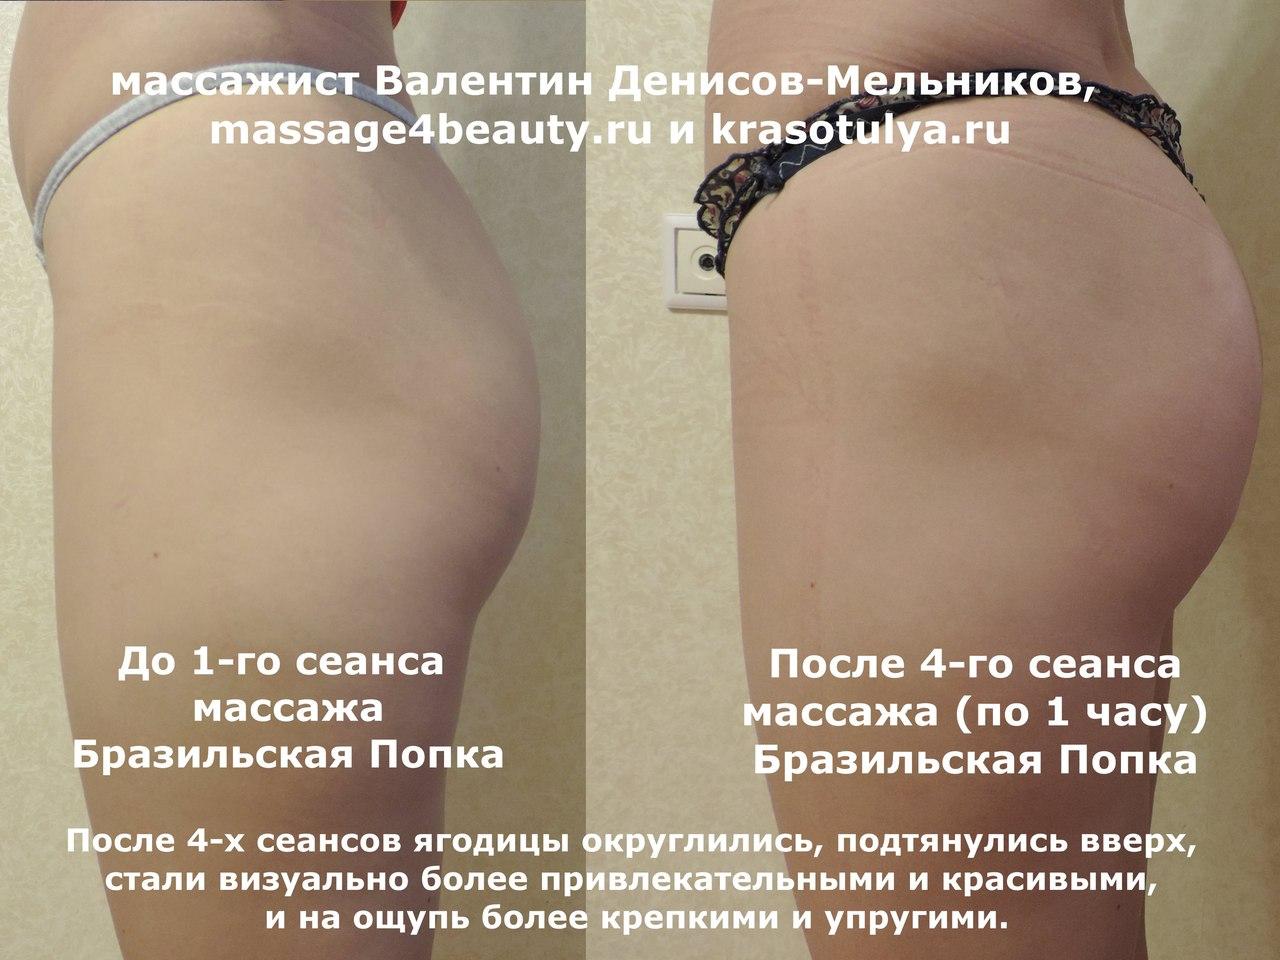 http://cs621520.vk.me/v621520286/1dace/C-lMle1SyOo.jpg